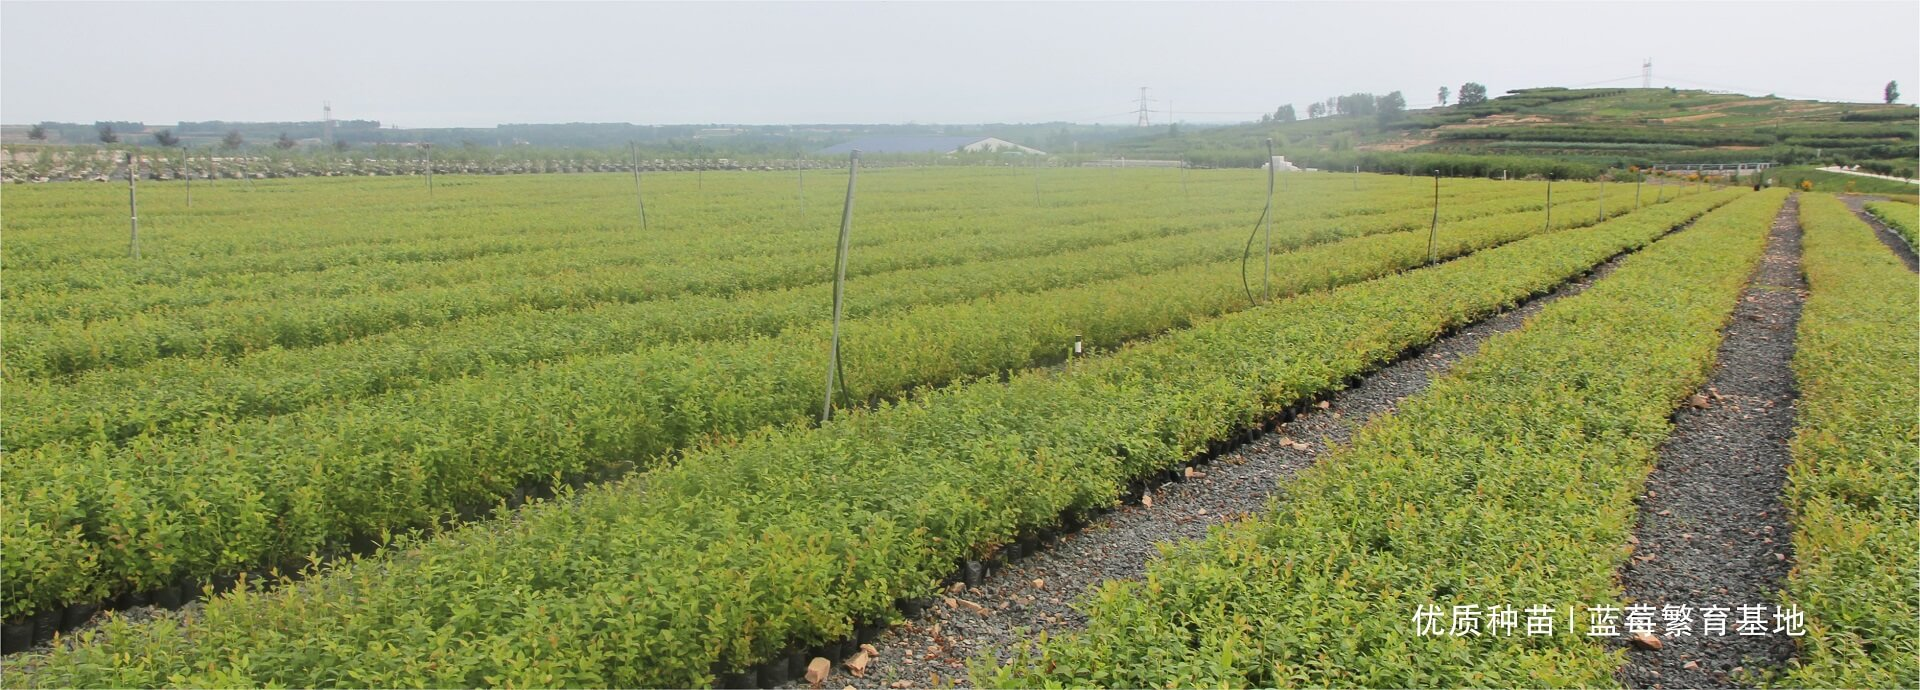 蓝莓种苗繁育基地